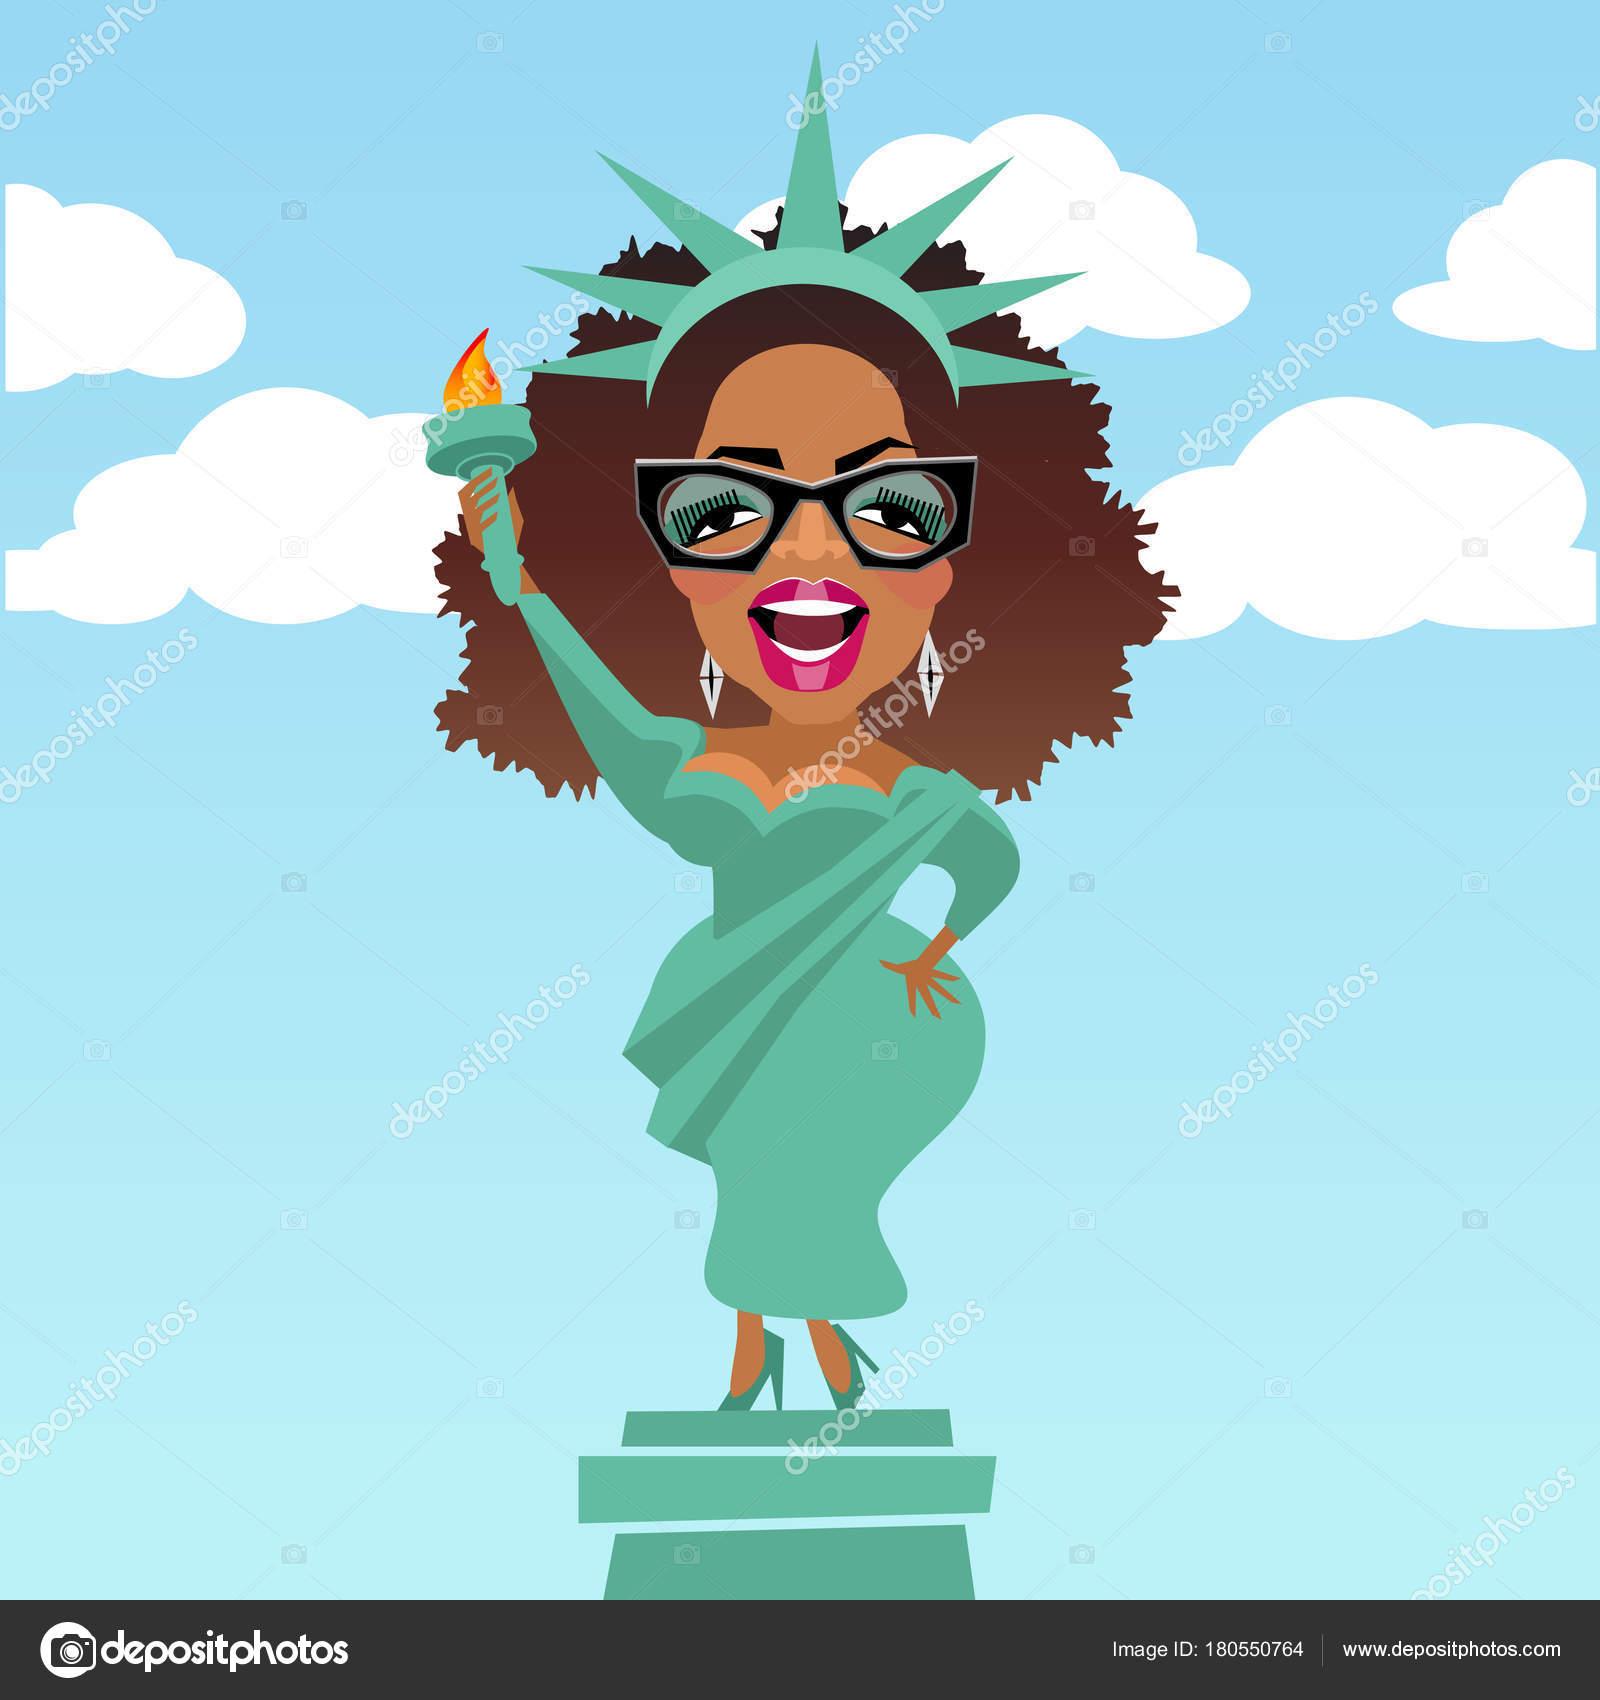 Karikaturen von Prominenten und Philanthrop Oprah Winfrey gekleidet ...